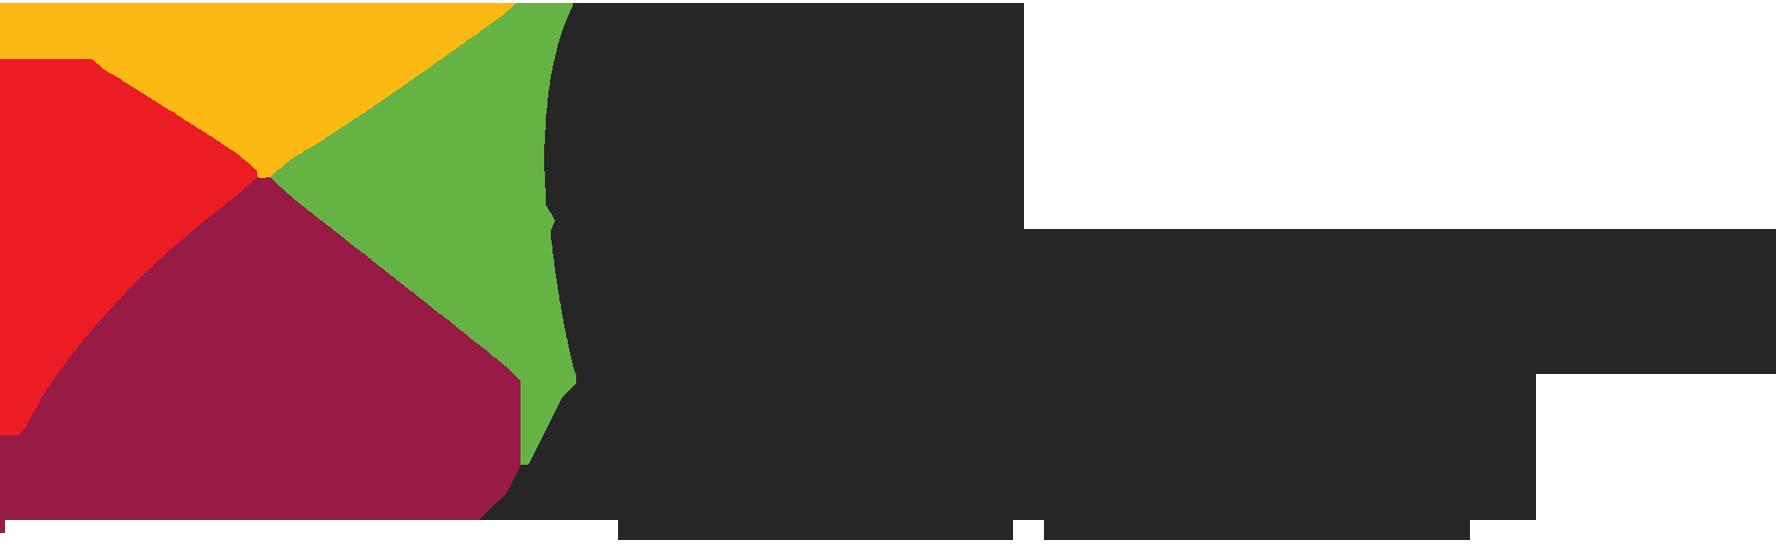 Discovery Bangladesh logo